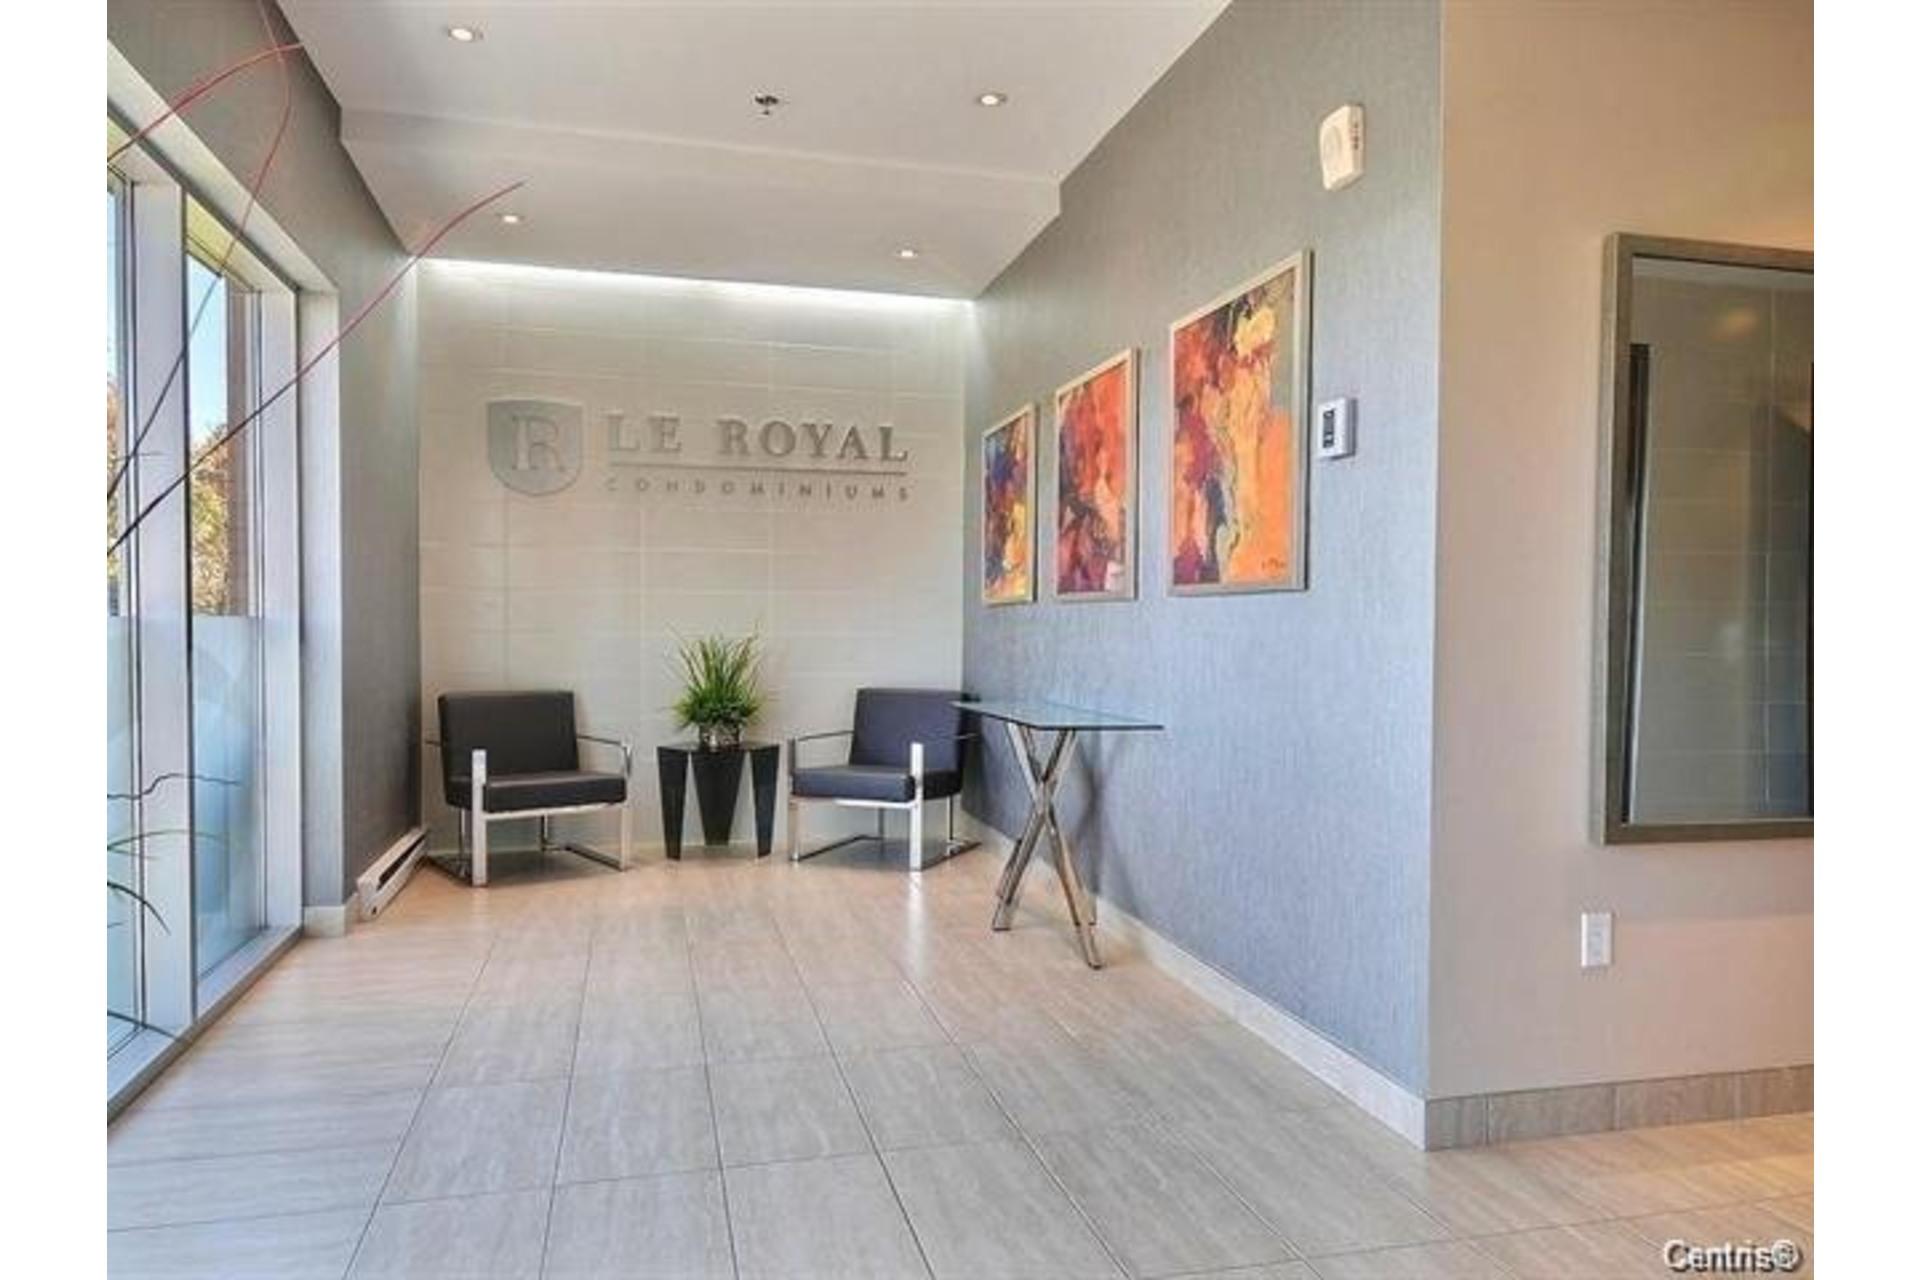 image 1 - Appartement À louer Rivière-des-Prairies/Pointe-aux-Trembles Montréal  - 6 pièces